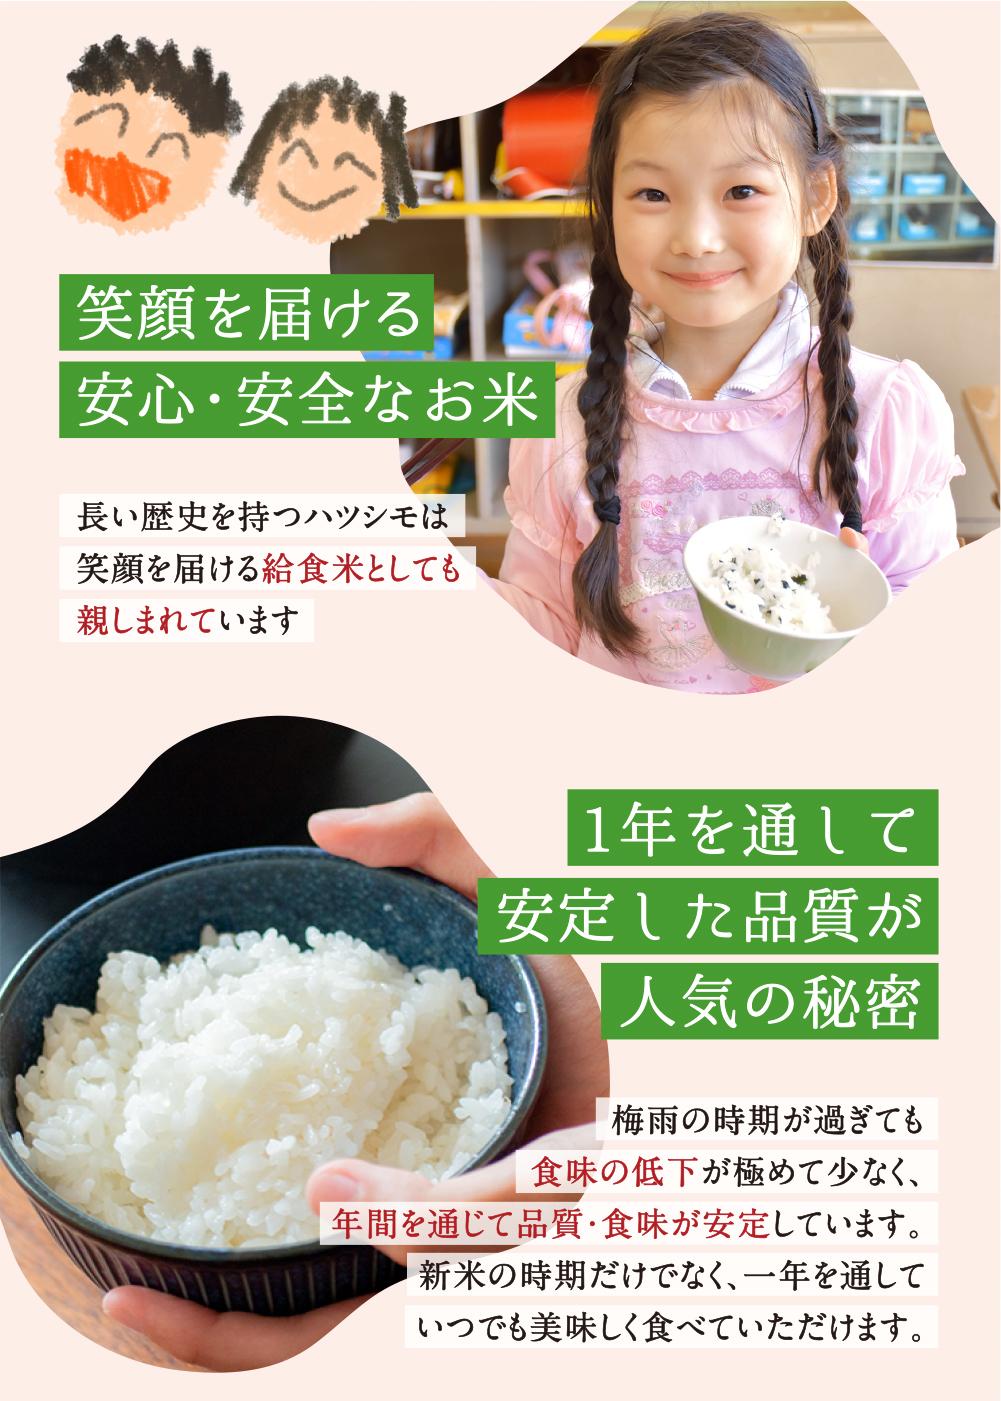 hatushimo